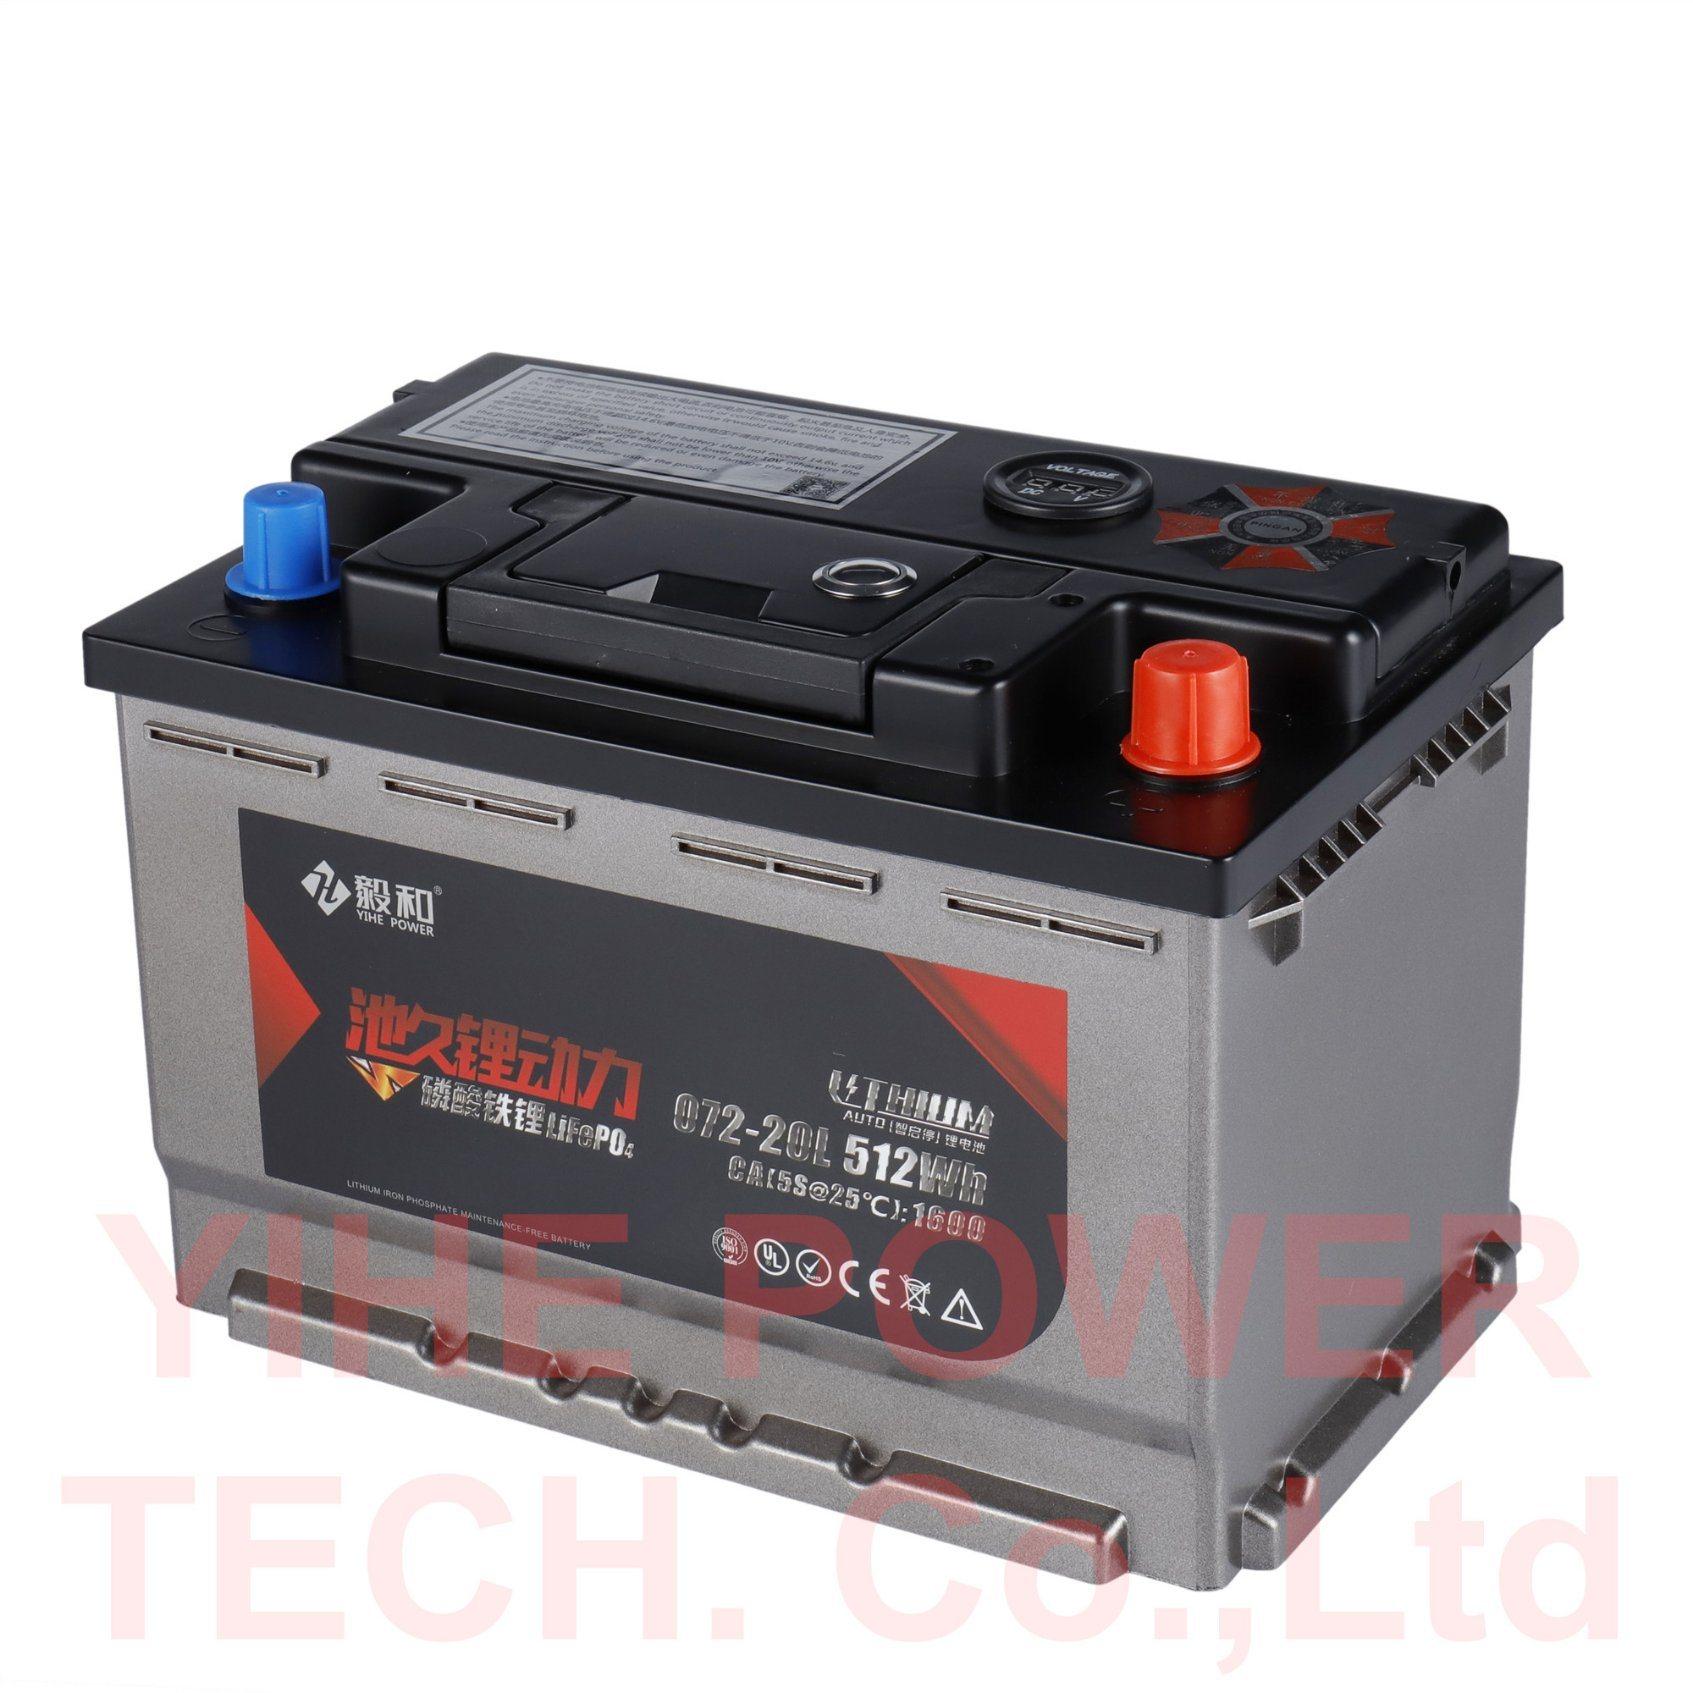 Lithium Car Battery >> China 12v Lithium Car Start Stop Battery 66ah 072 20 China Car